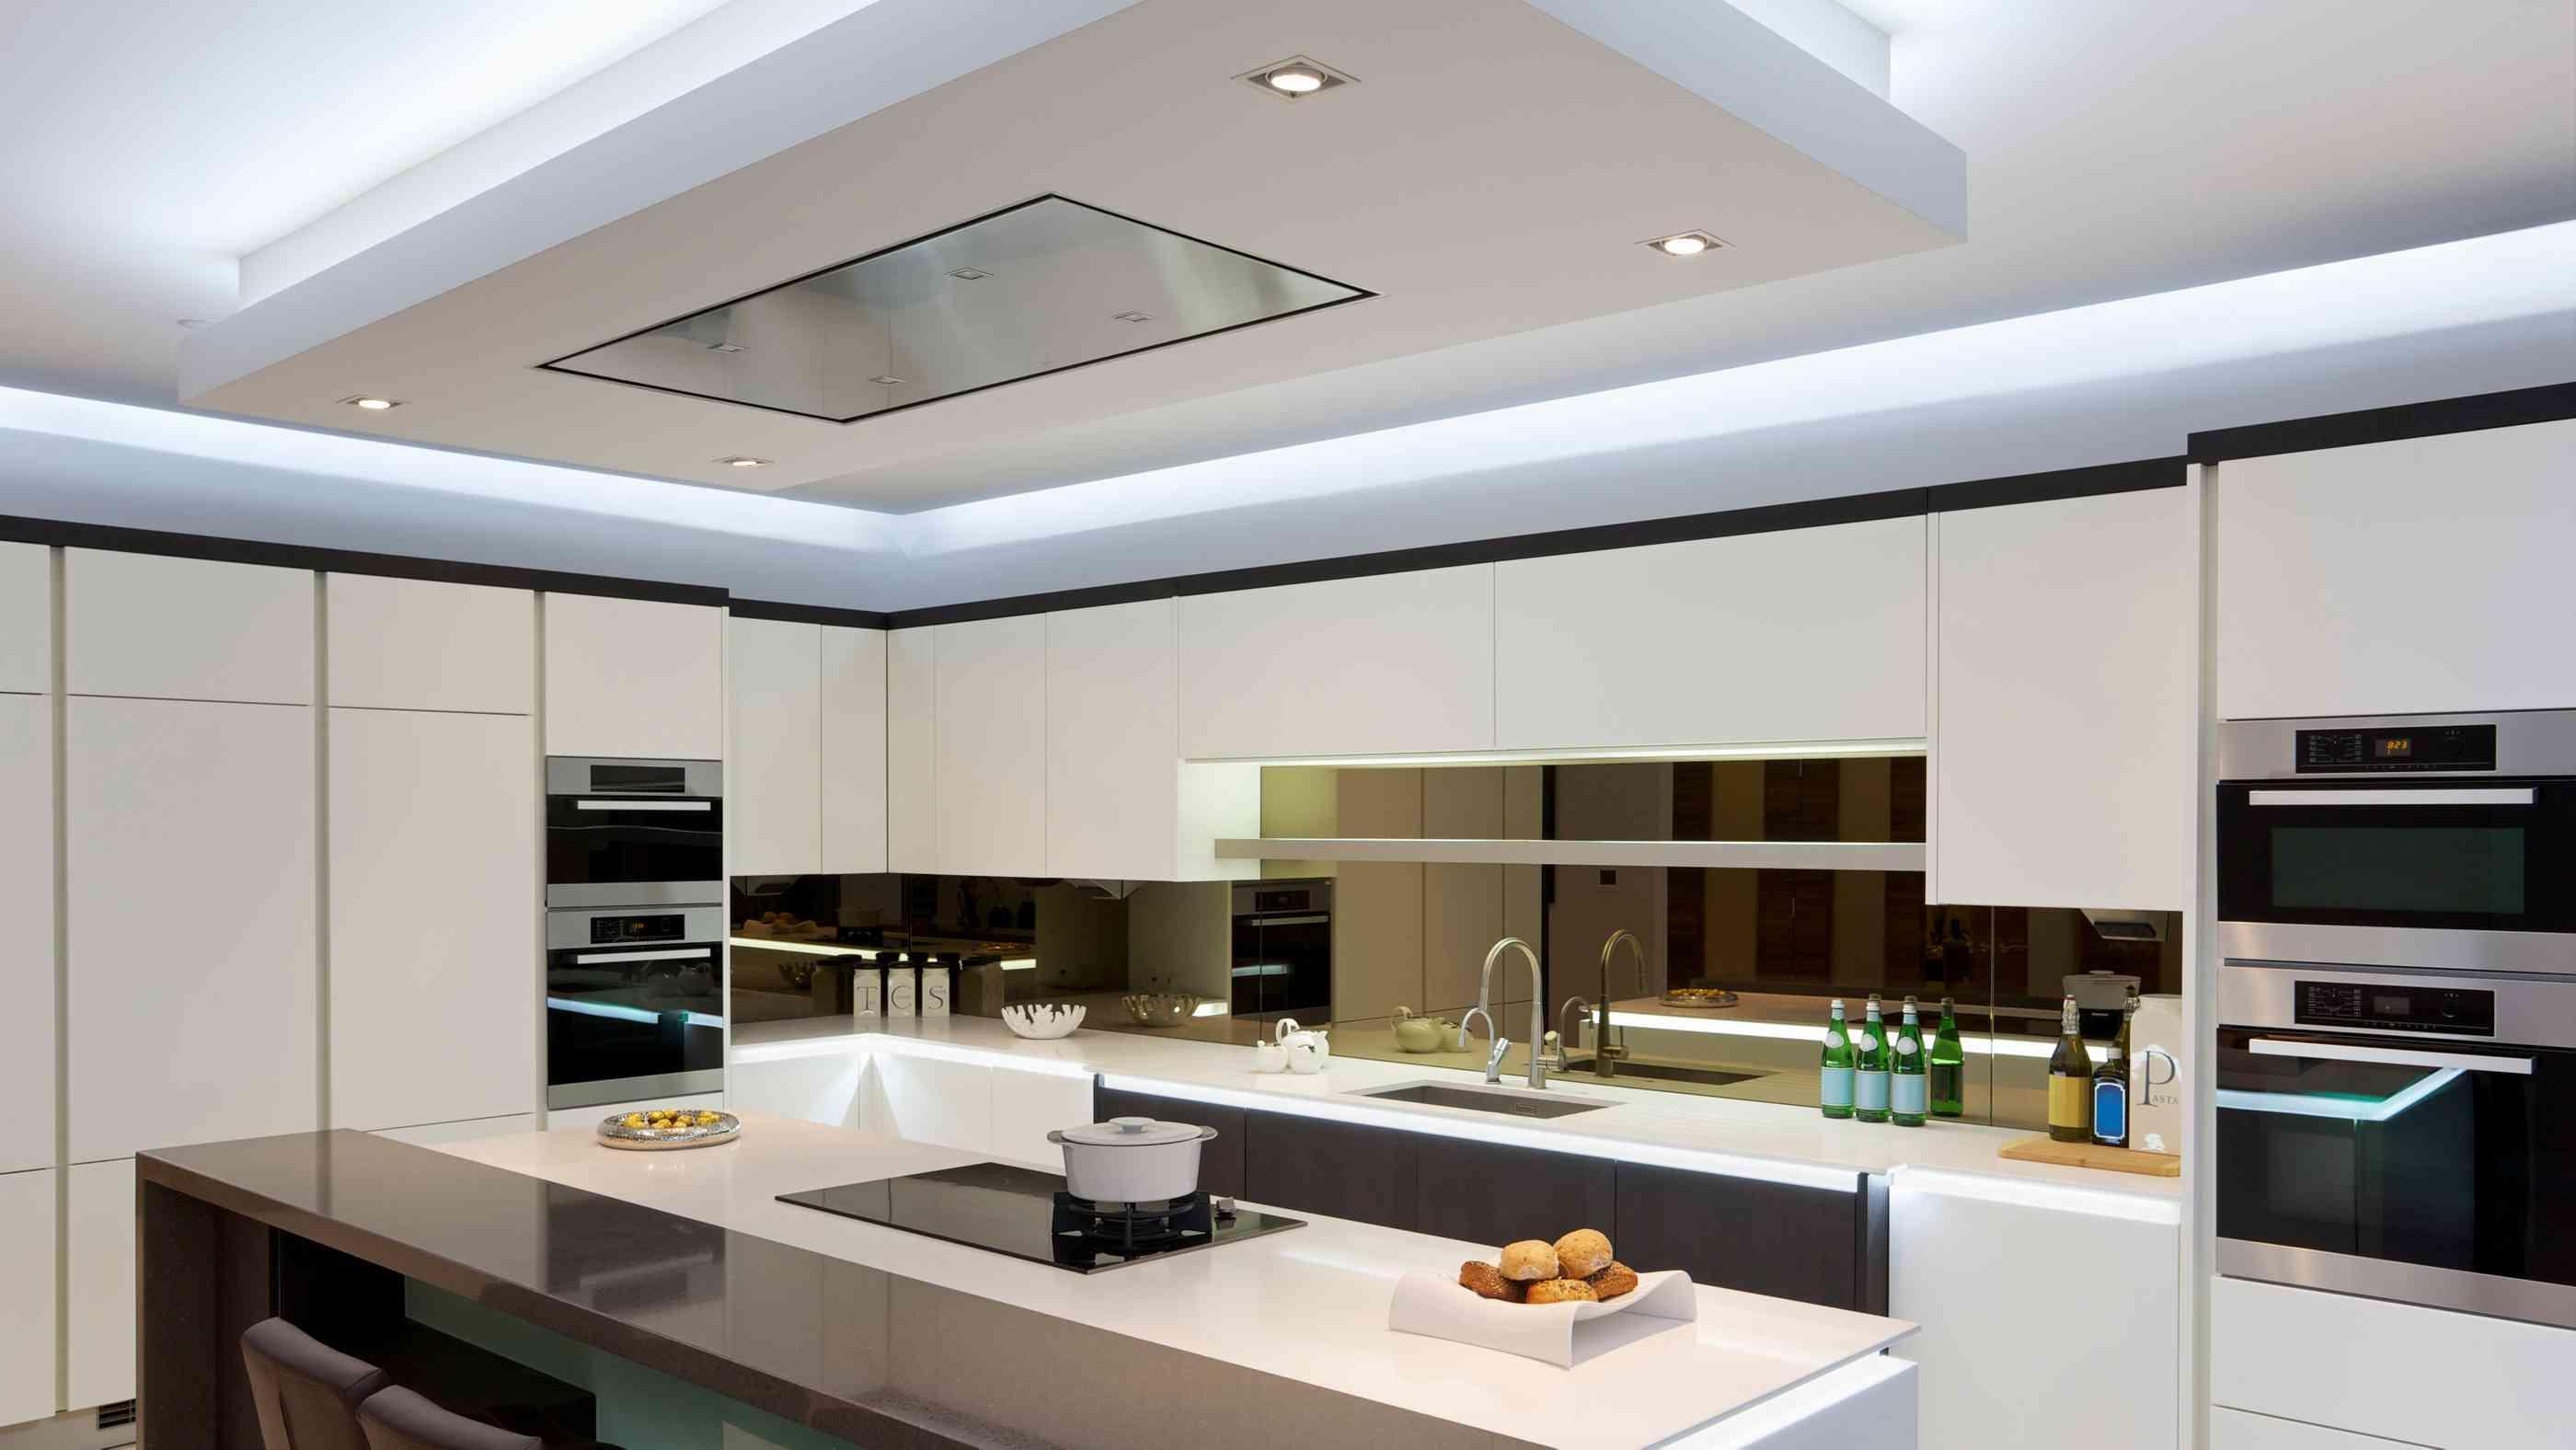 Küchen Unterschrank Beleuchtung